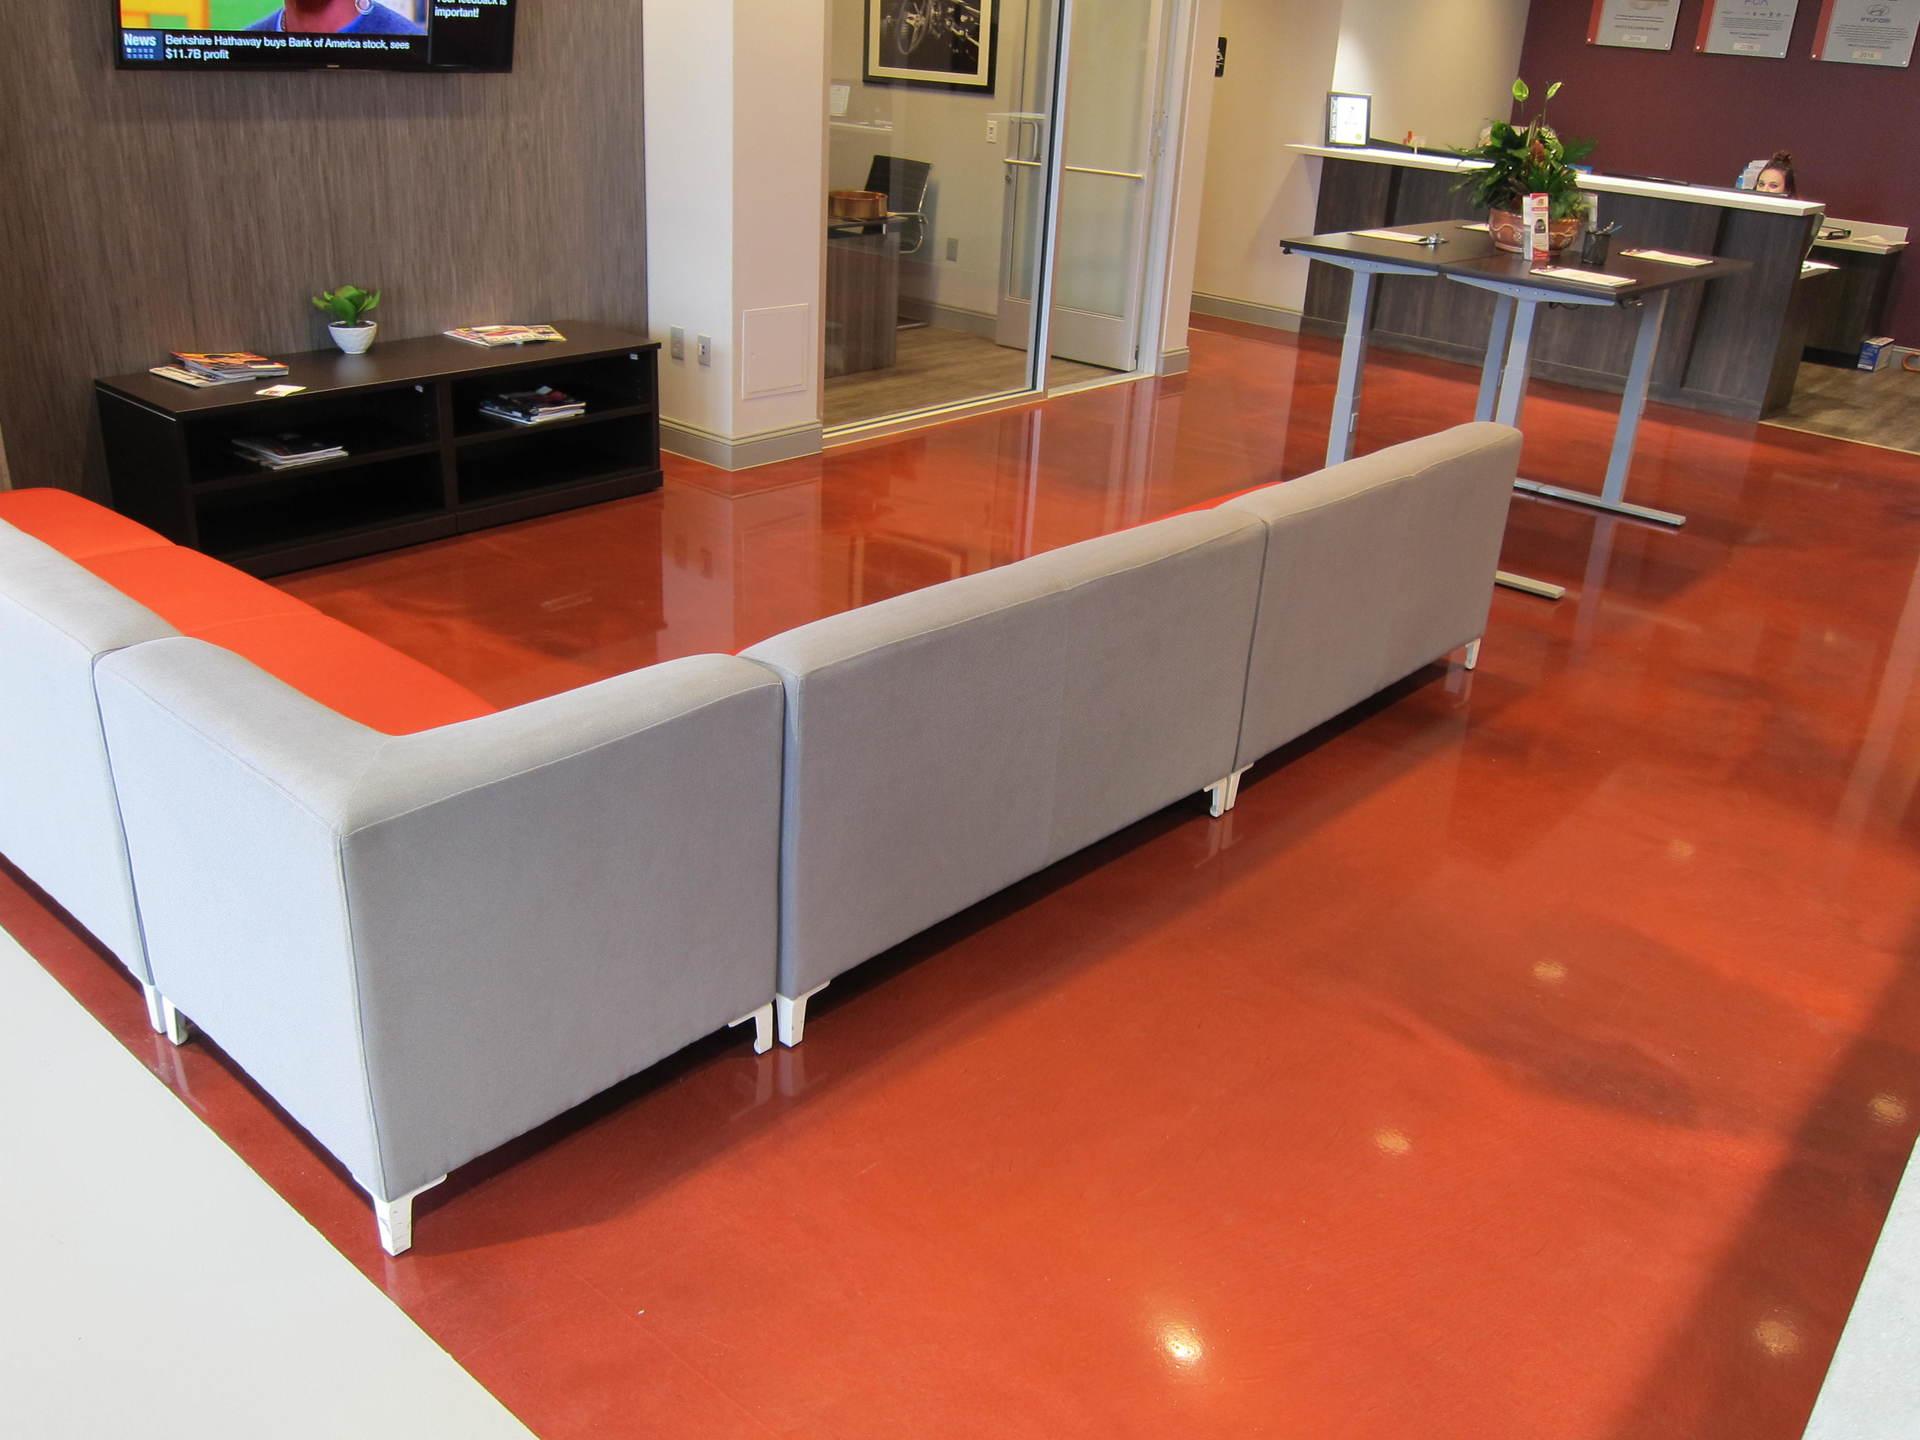 Epoxy/Resinous Flooring